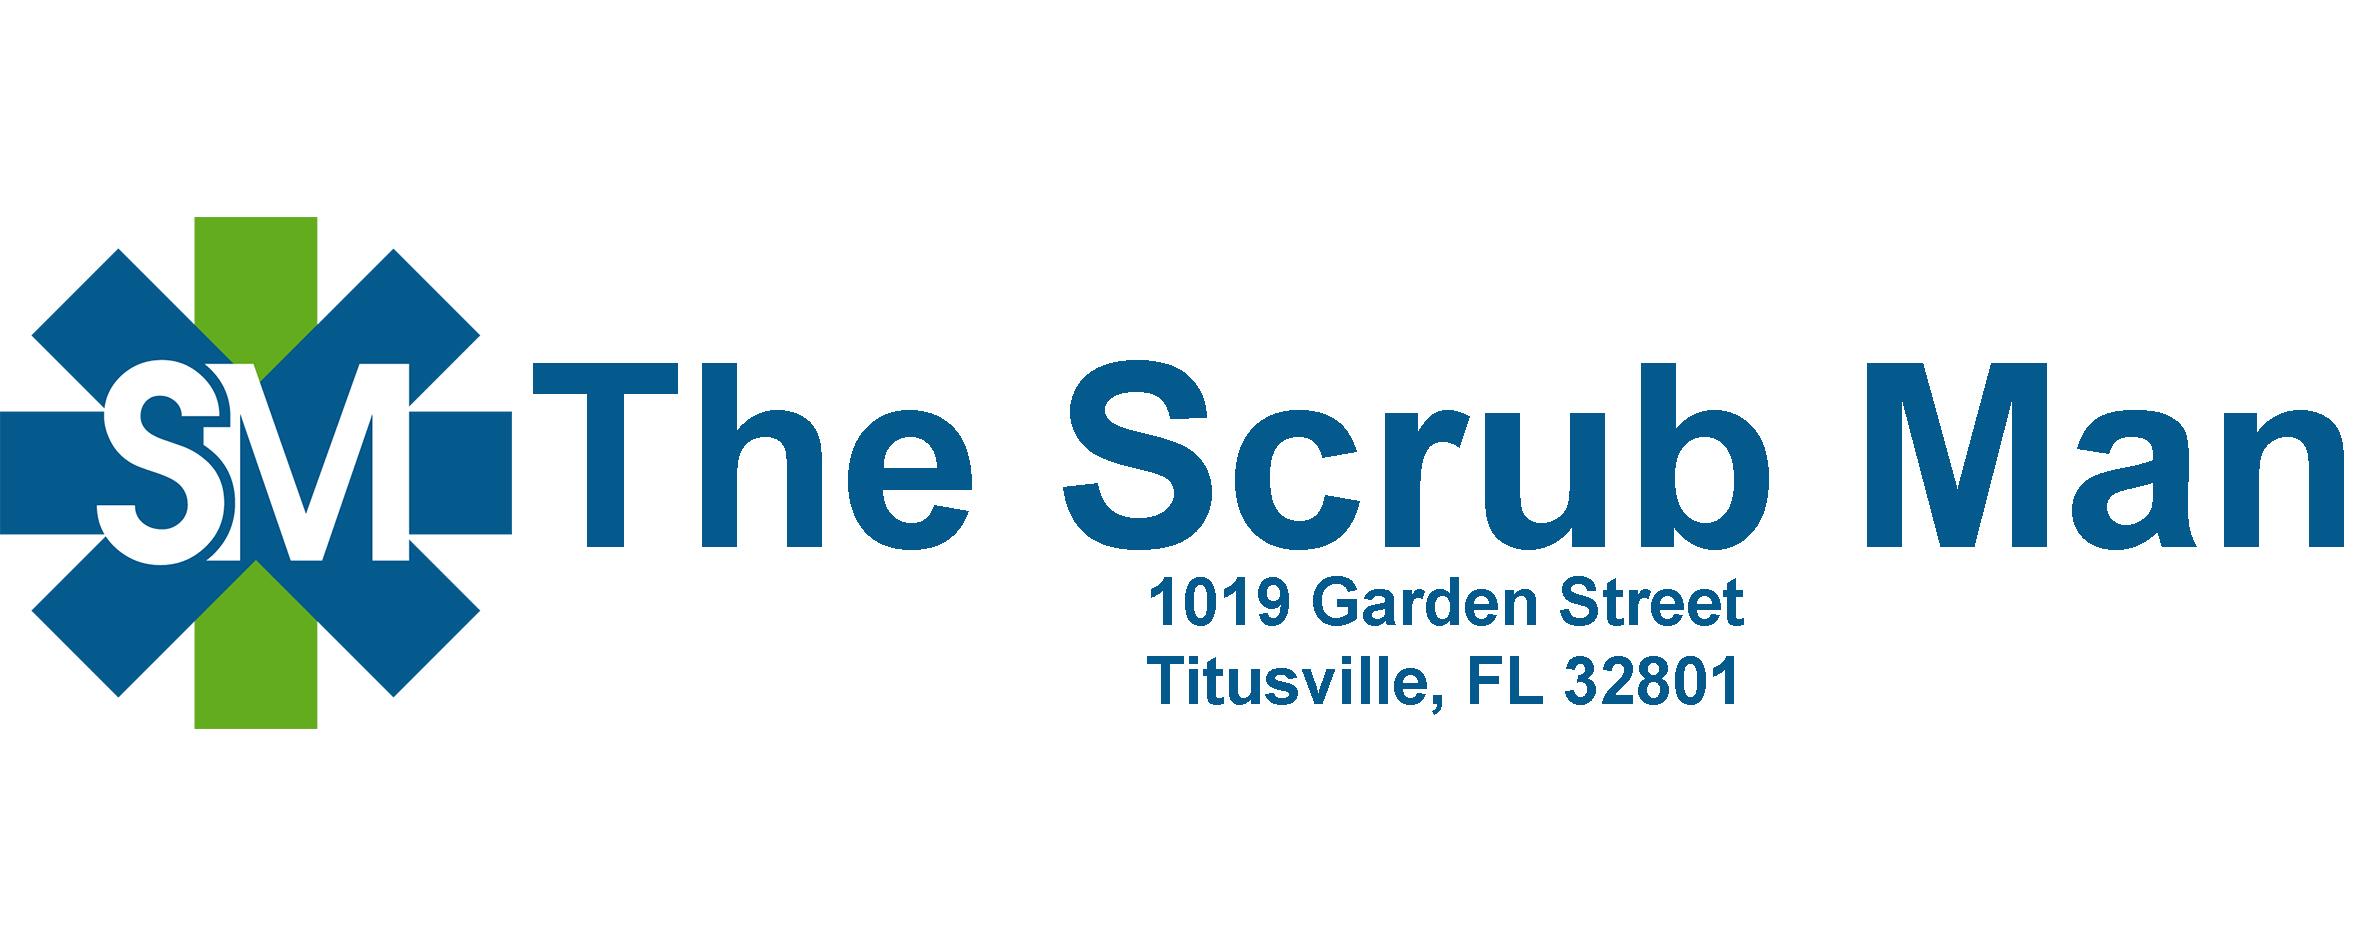 Index - The Scrub Man